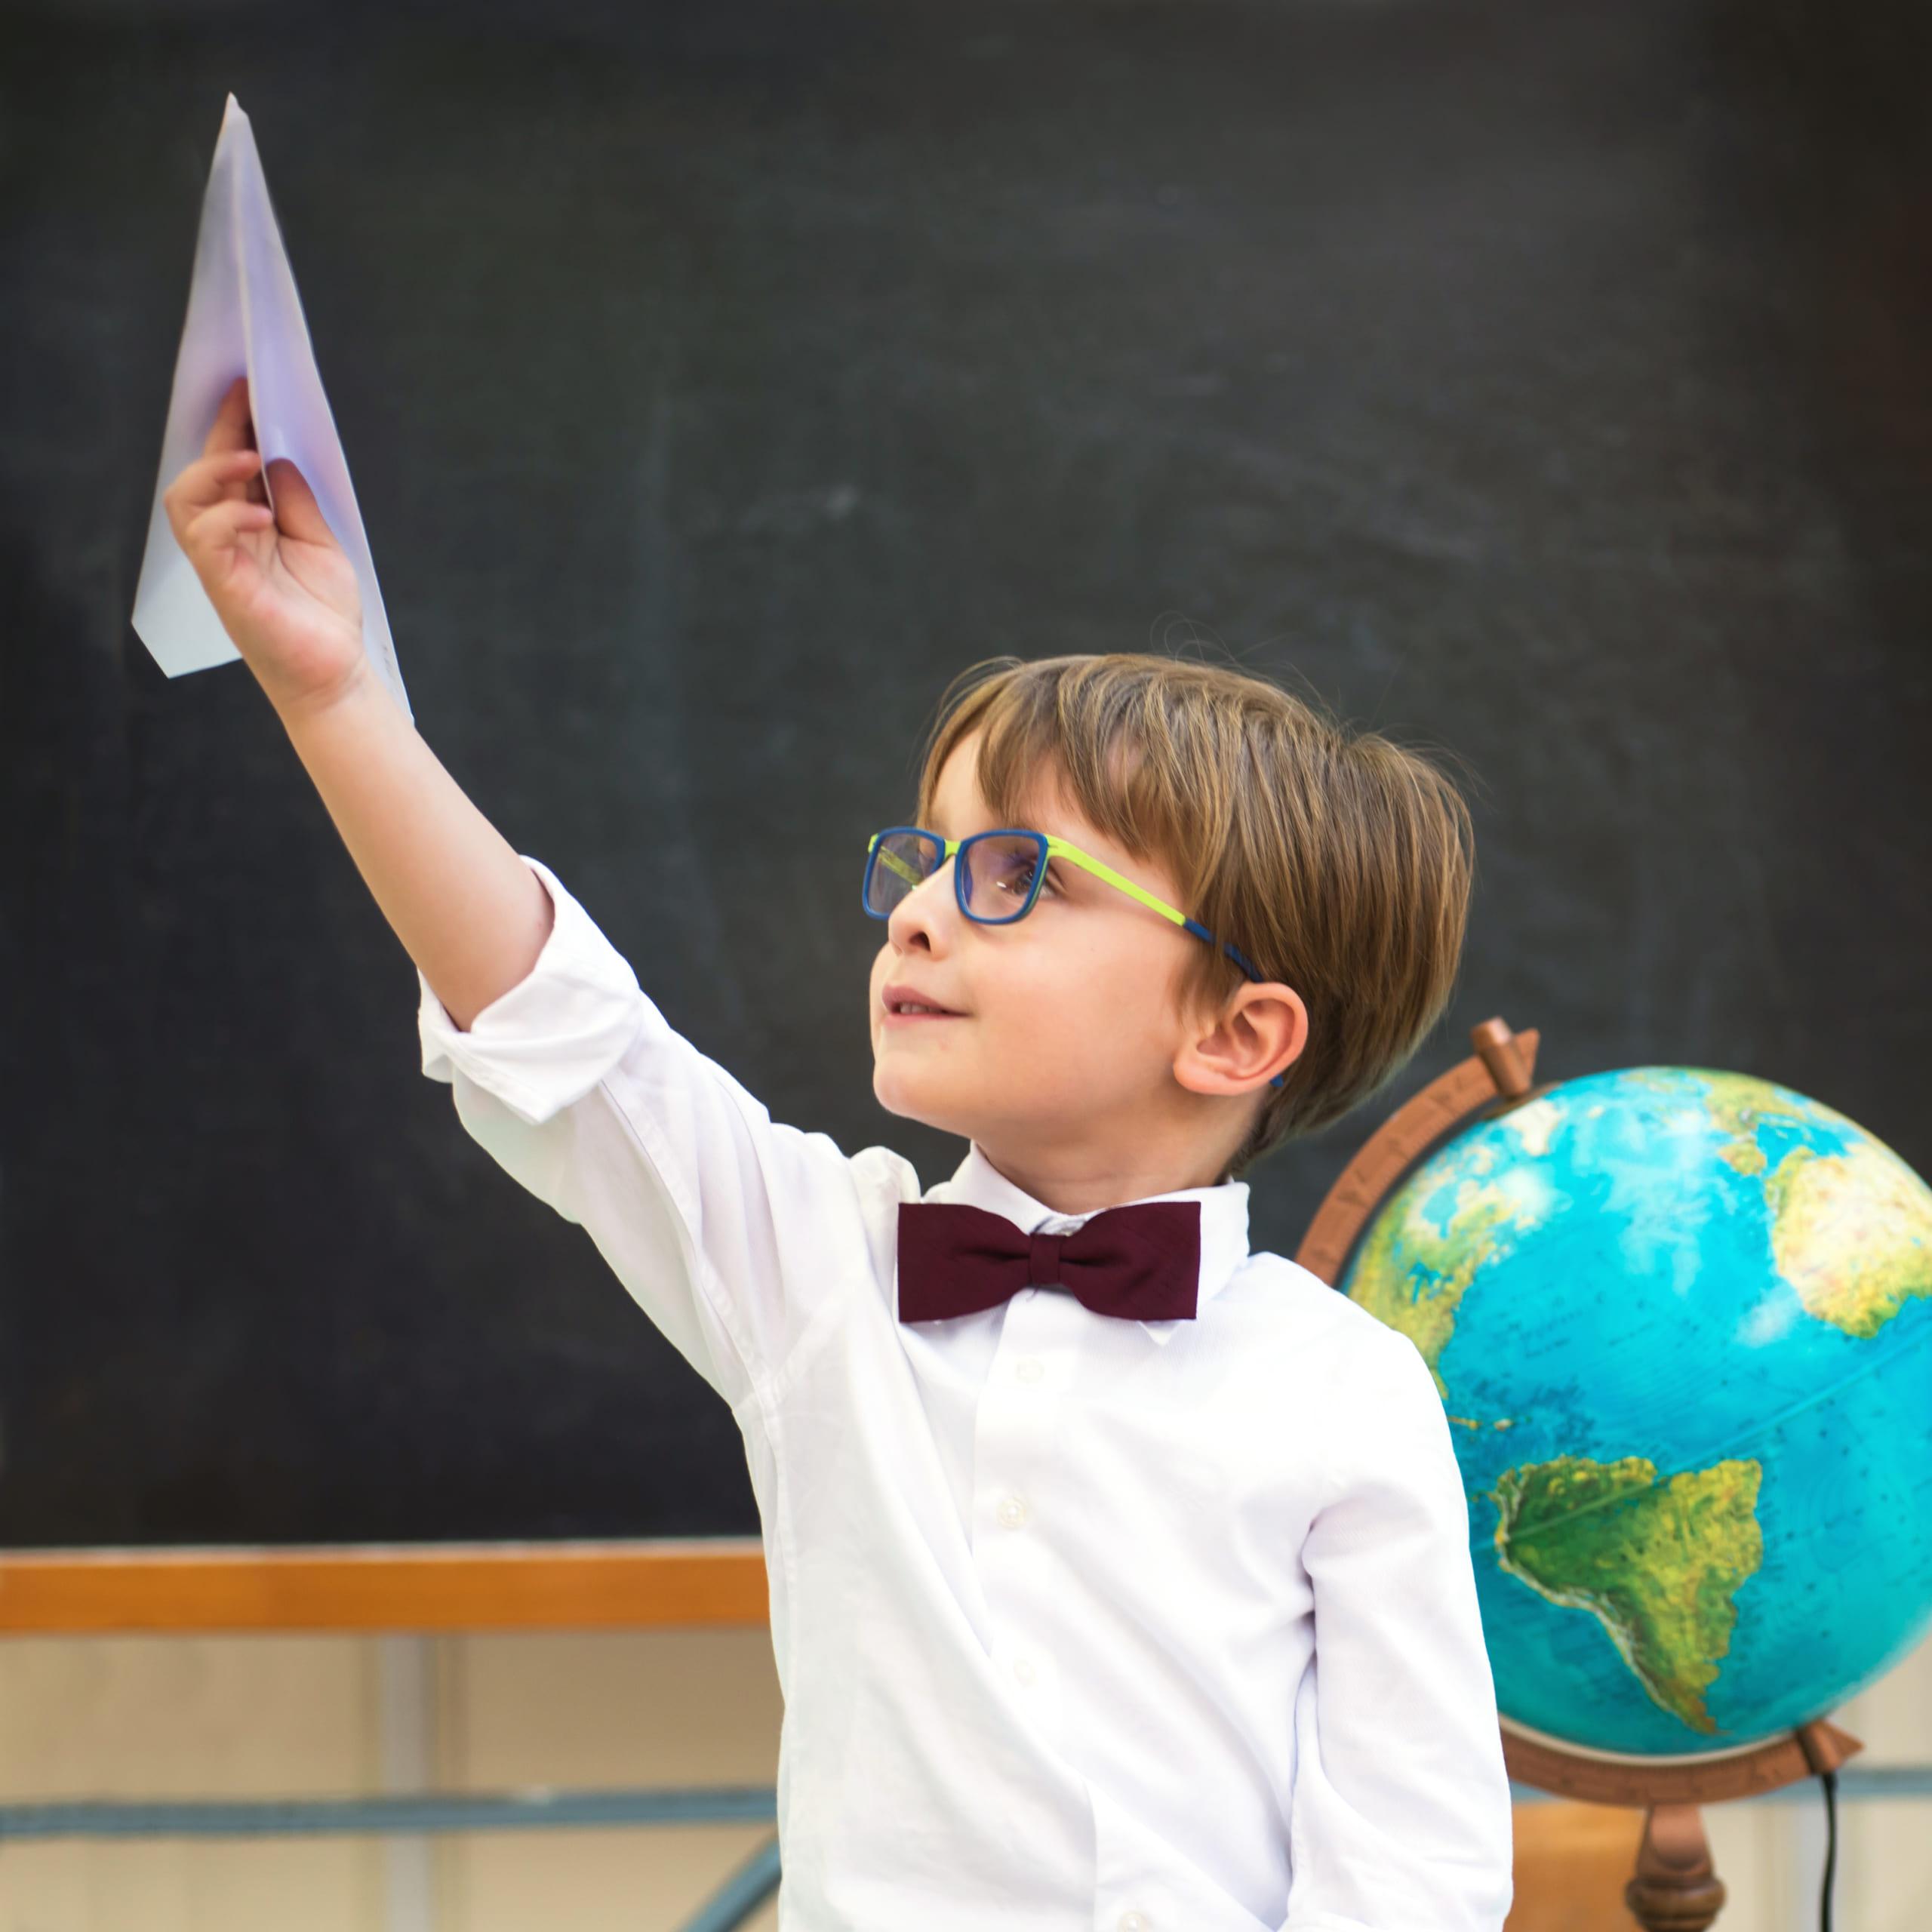 塾、学校の限界……本当に頭がいい子は放課後遊んでいる